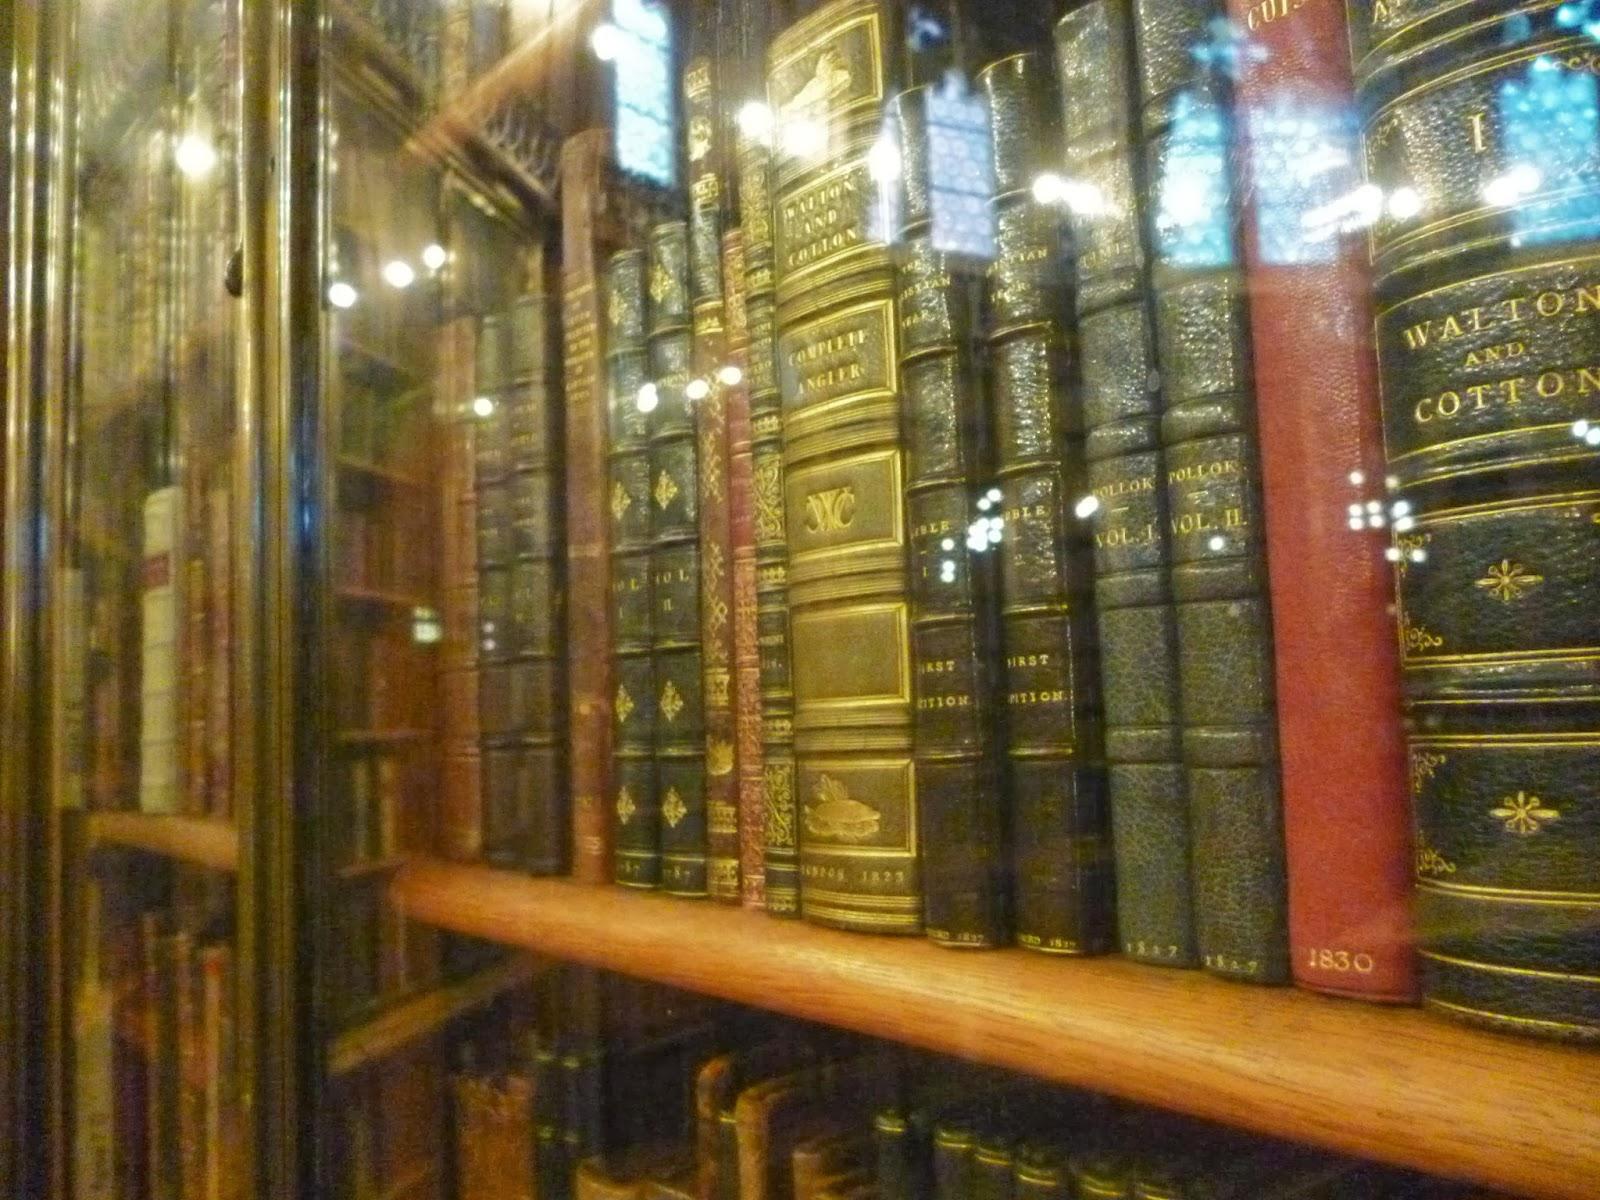 John Rylands library books